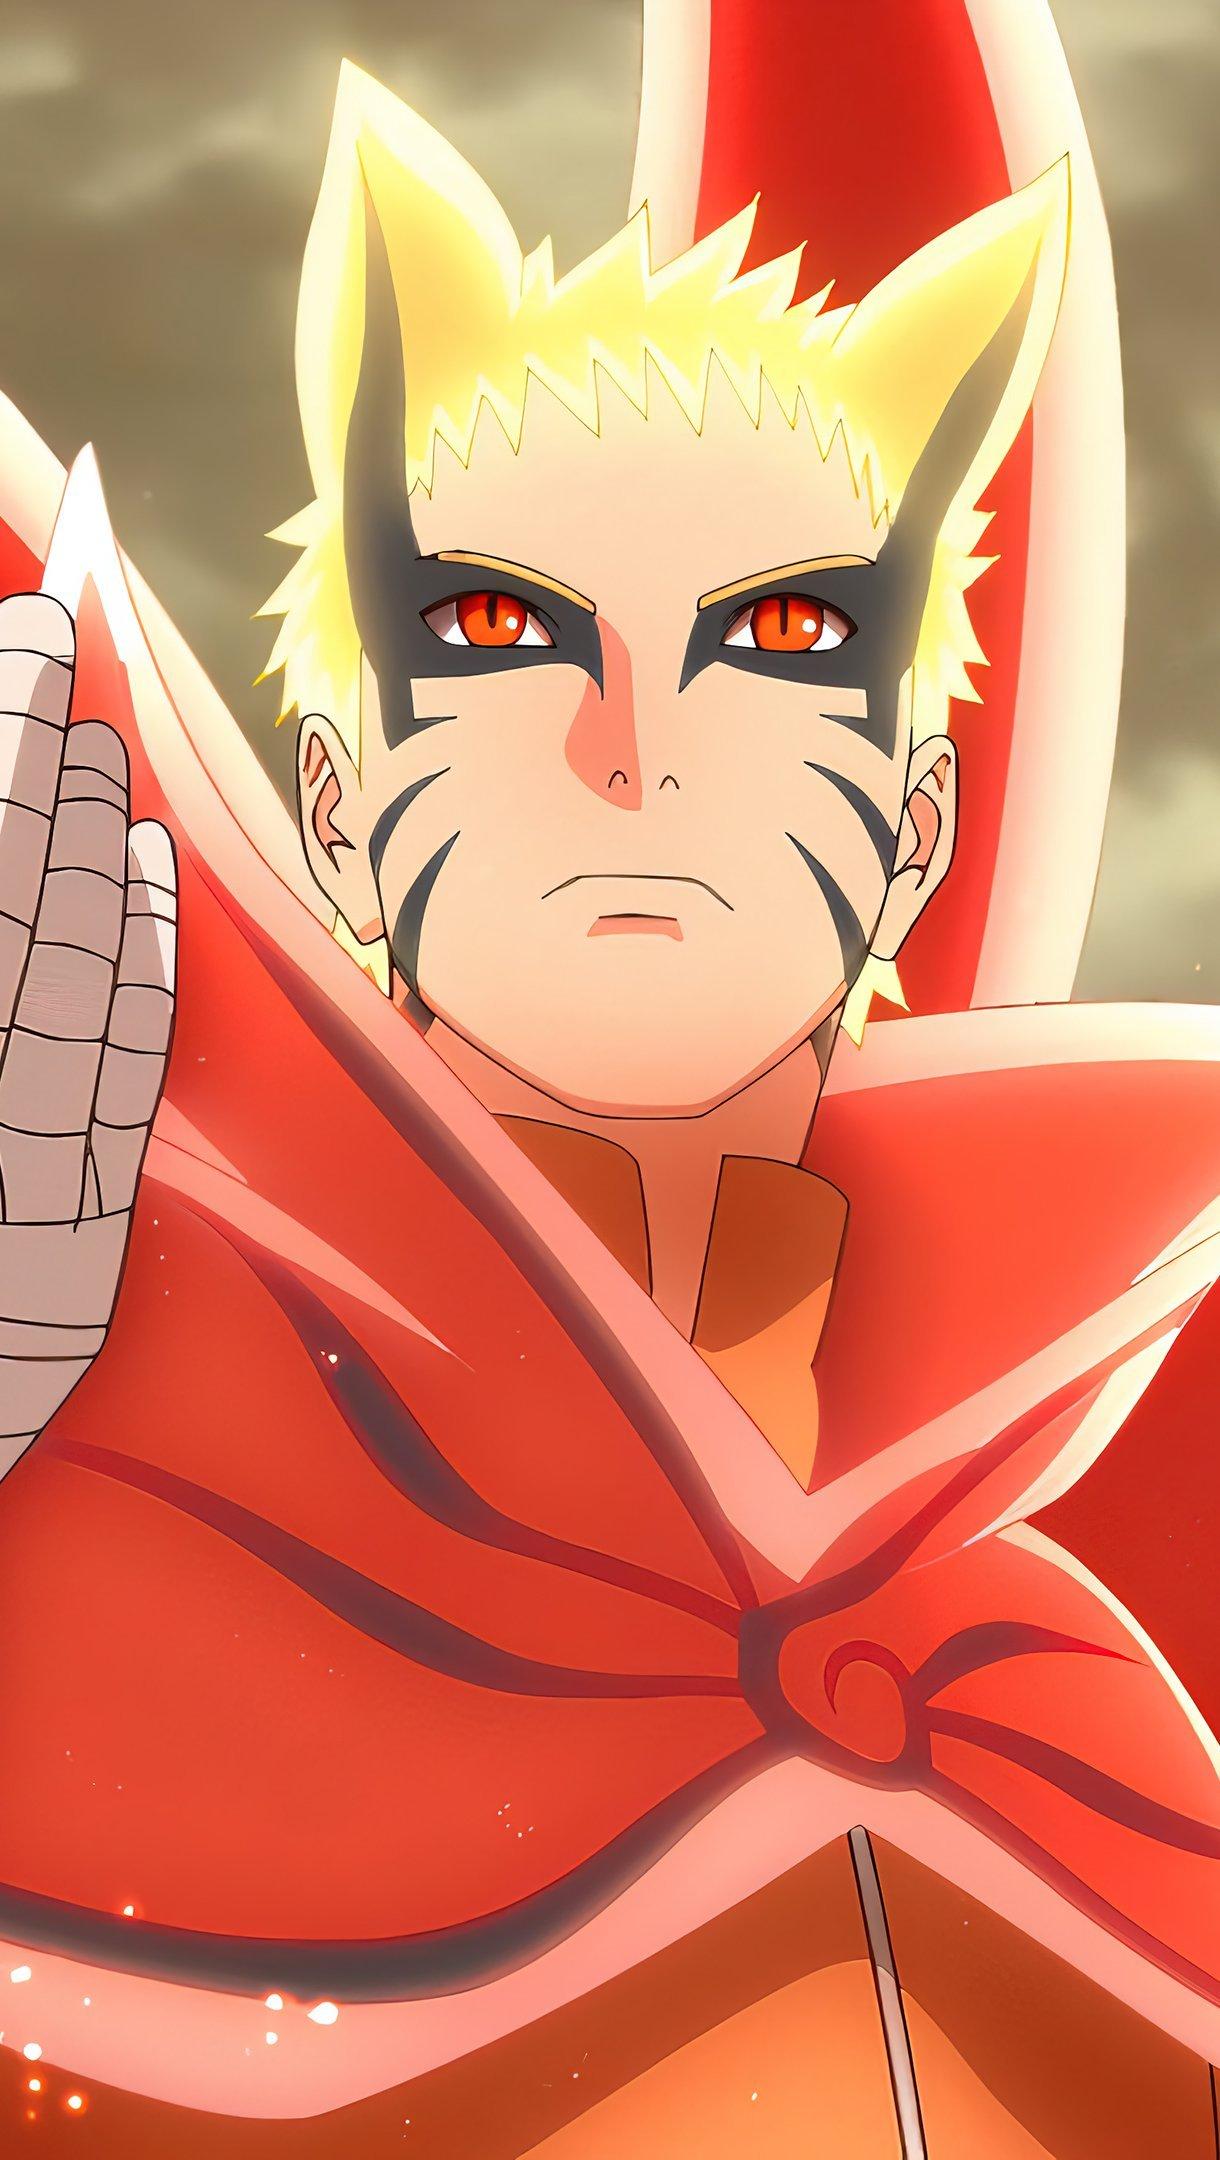 Fondos de pantalla Anime Naruto Uzumaki mano elevada Baryon Mode Vertical